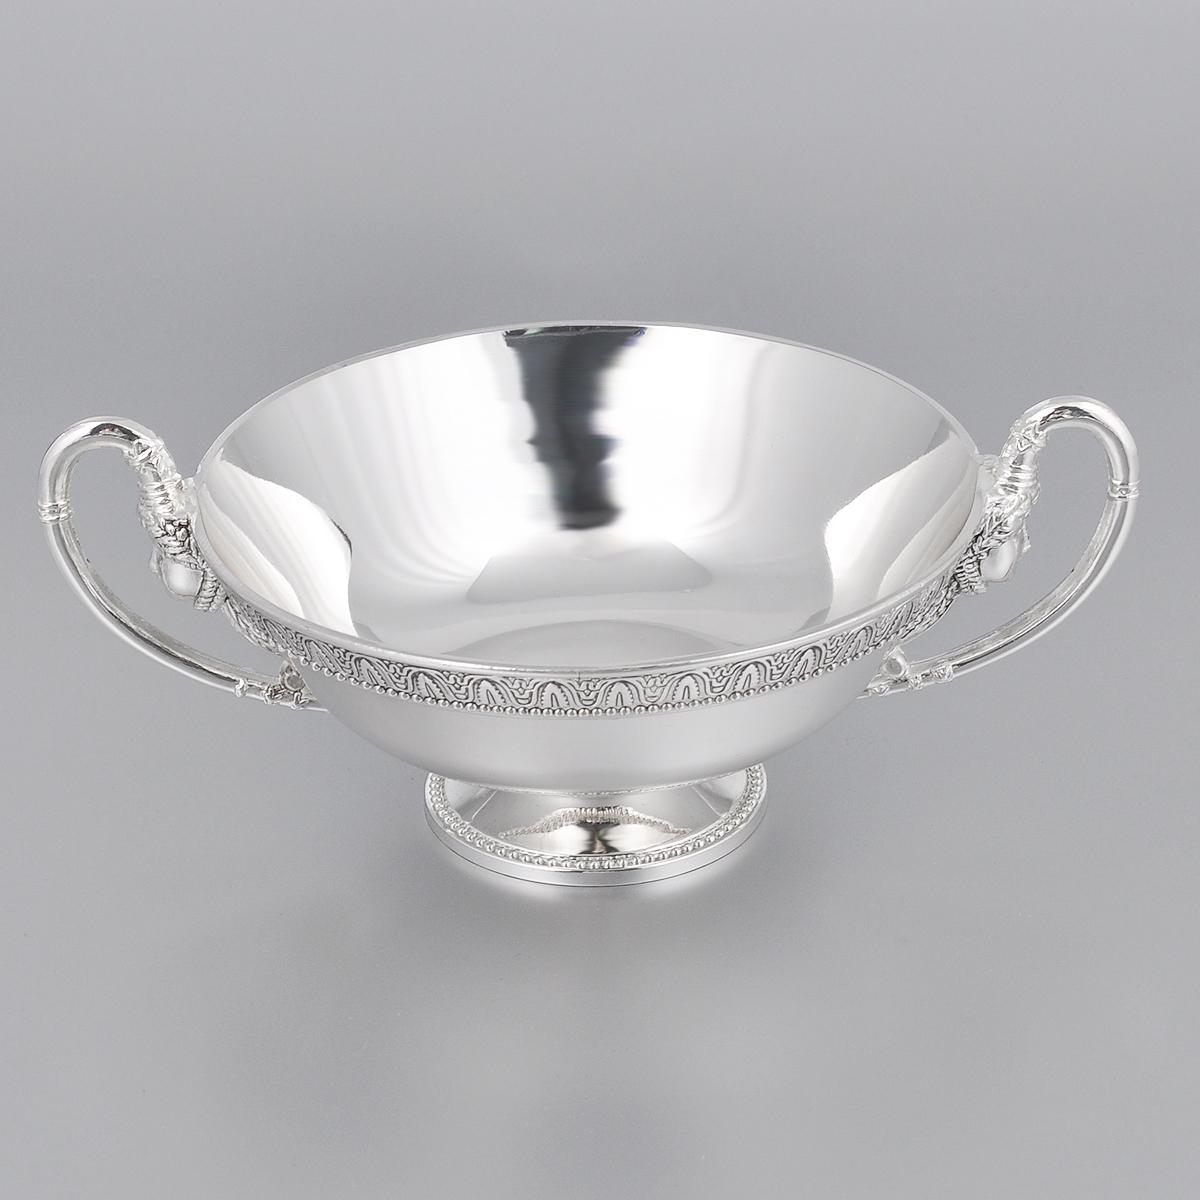 Ваза универсальная Marquis, диаметр 13 см115510Универсальная ваза Marquis круглой формы выполнена из стали с никель-серебряным покрытием и оформлена каймой с изящным рельефом. Ваза прекрасно подойдет для красивой сервировки конфет, фруктов, пирожных и много другого. Такая ваза придется по вкусу и ценителям классики, и тем, кто предпочитает утонченность и изысканность. Она украсит сервировку вашего стола и подчеркнет прекрасный вкус хозяина, а также станет отличным подарком.Диаметр (по верхнему краю): 13 см.Диаметр основания: 5,5 см.Высота вазы: 5 см.